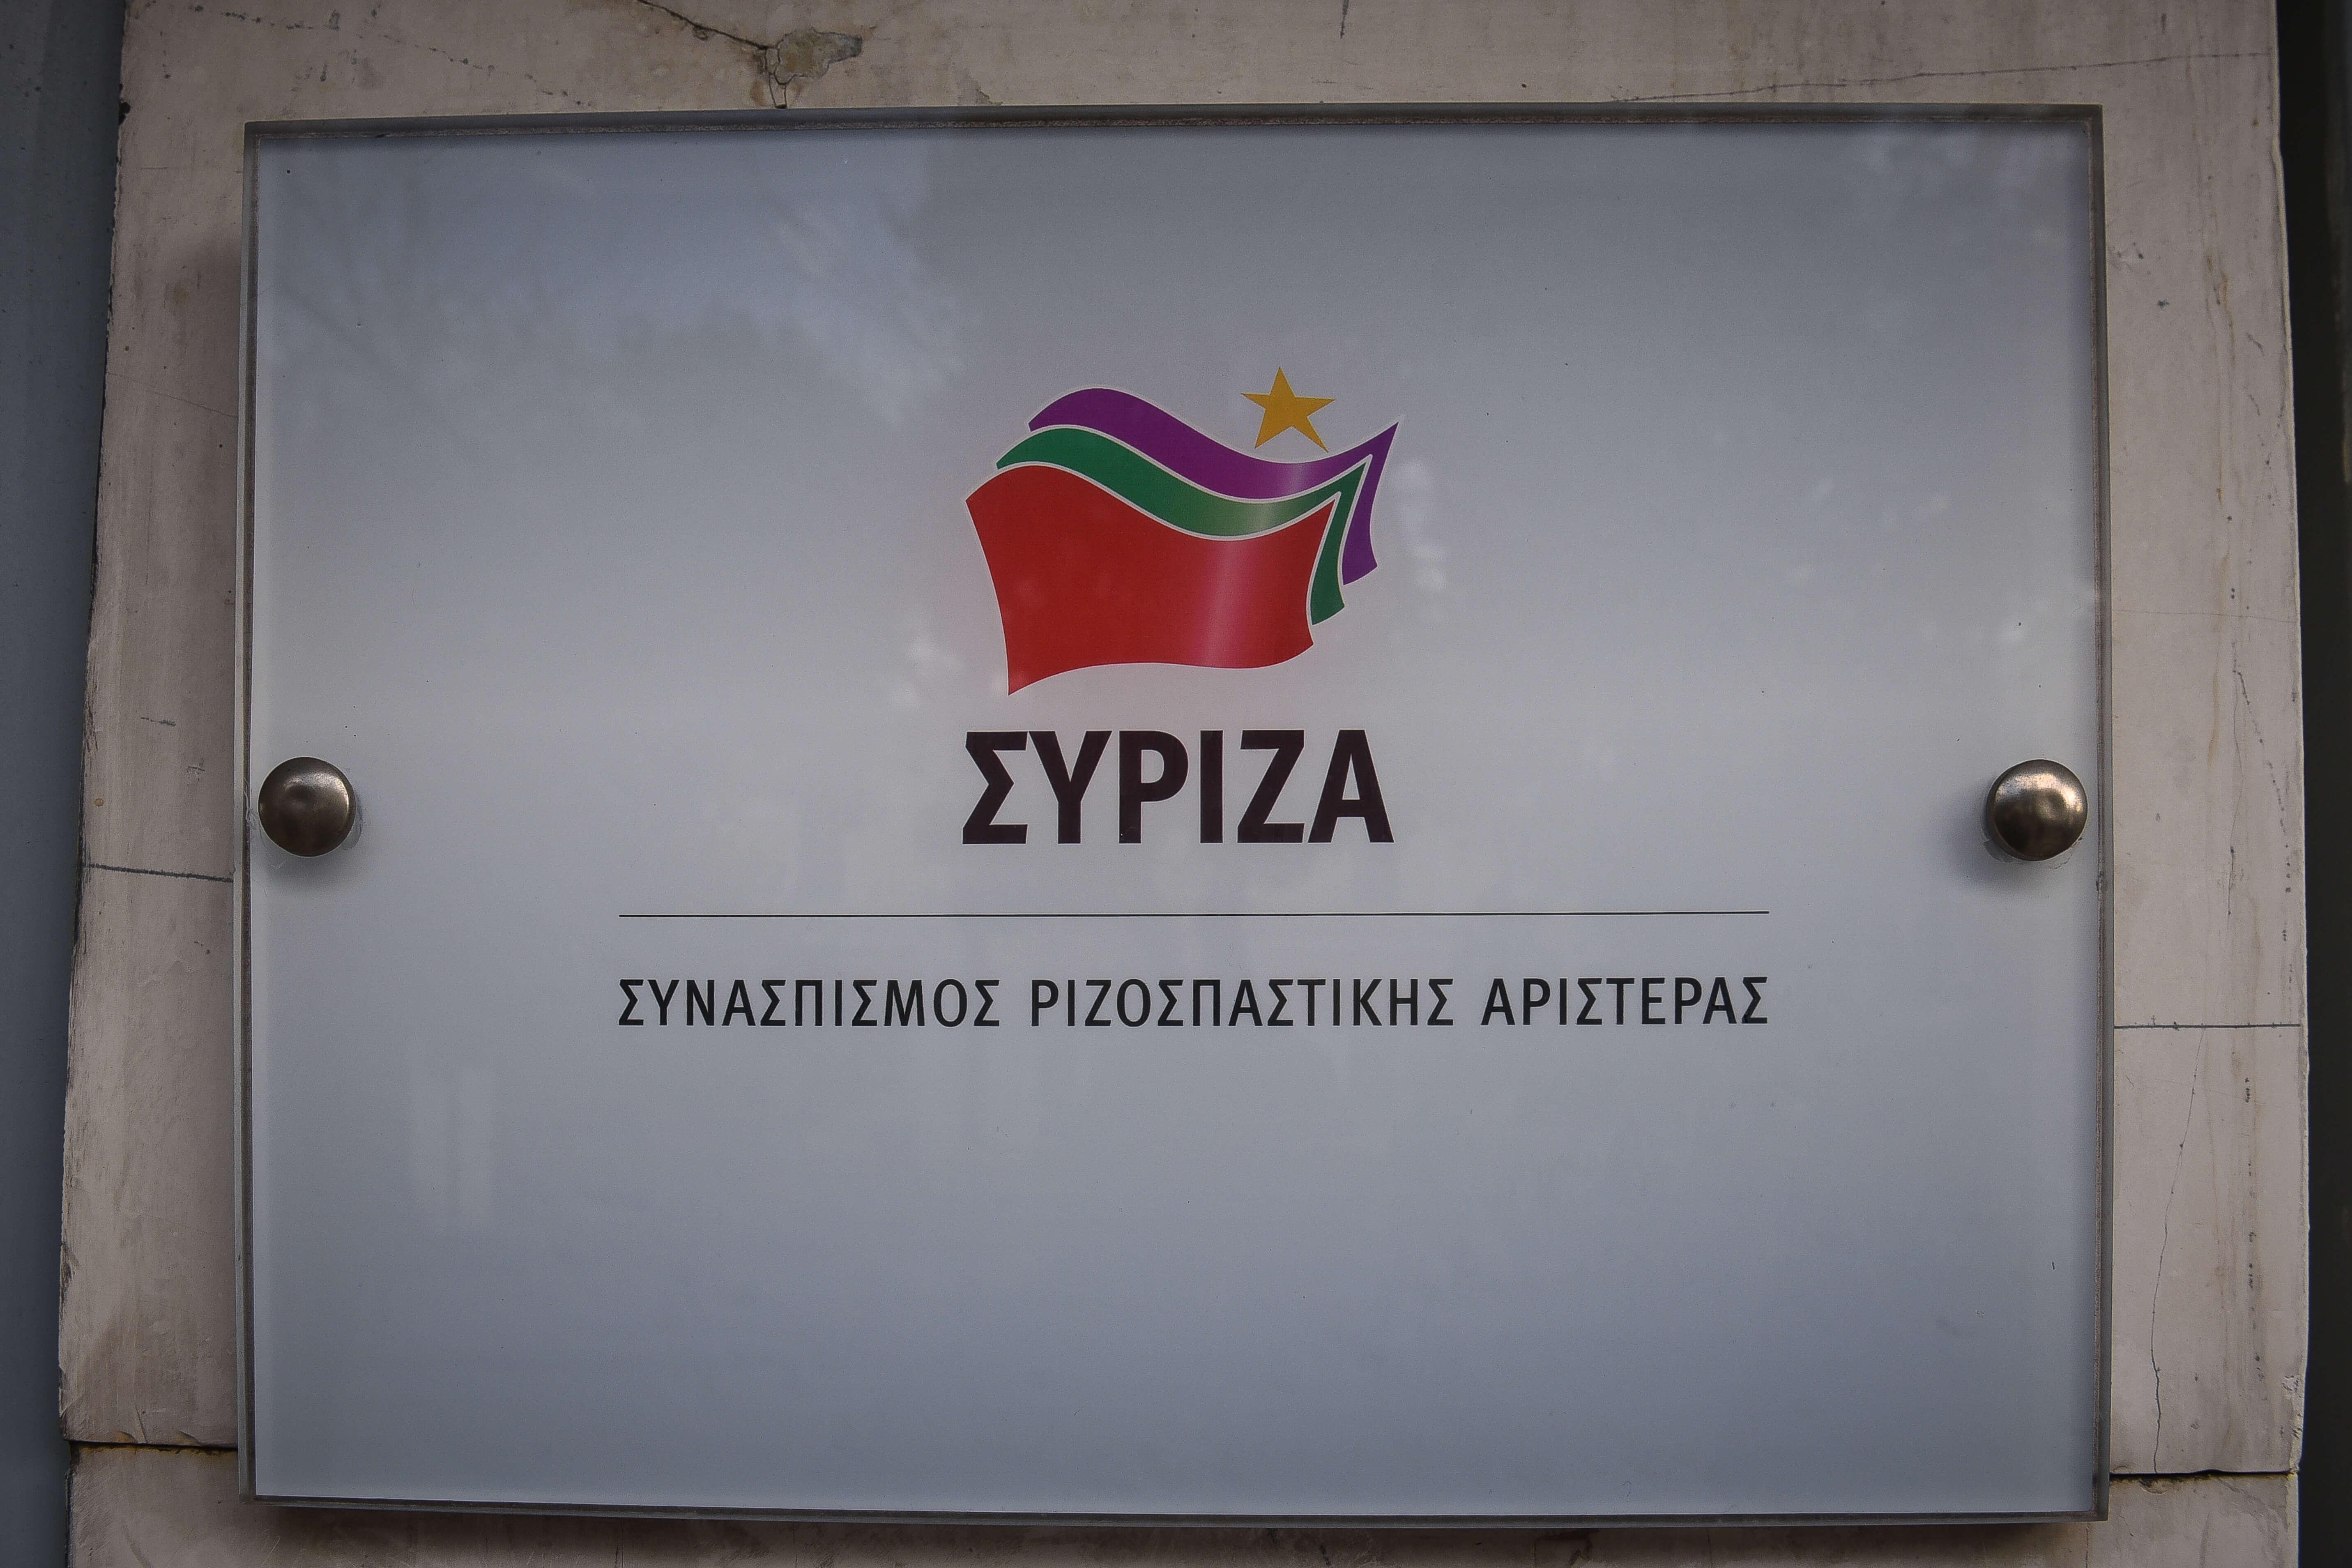 ΣΥΡΙΖΑ καλύπτει Πολάκη – «Πήρε δάνειο όπως η μισή Ελλάδα»